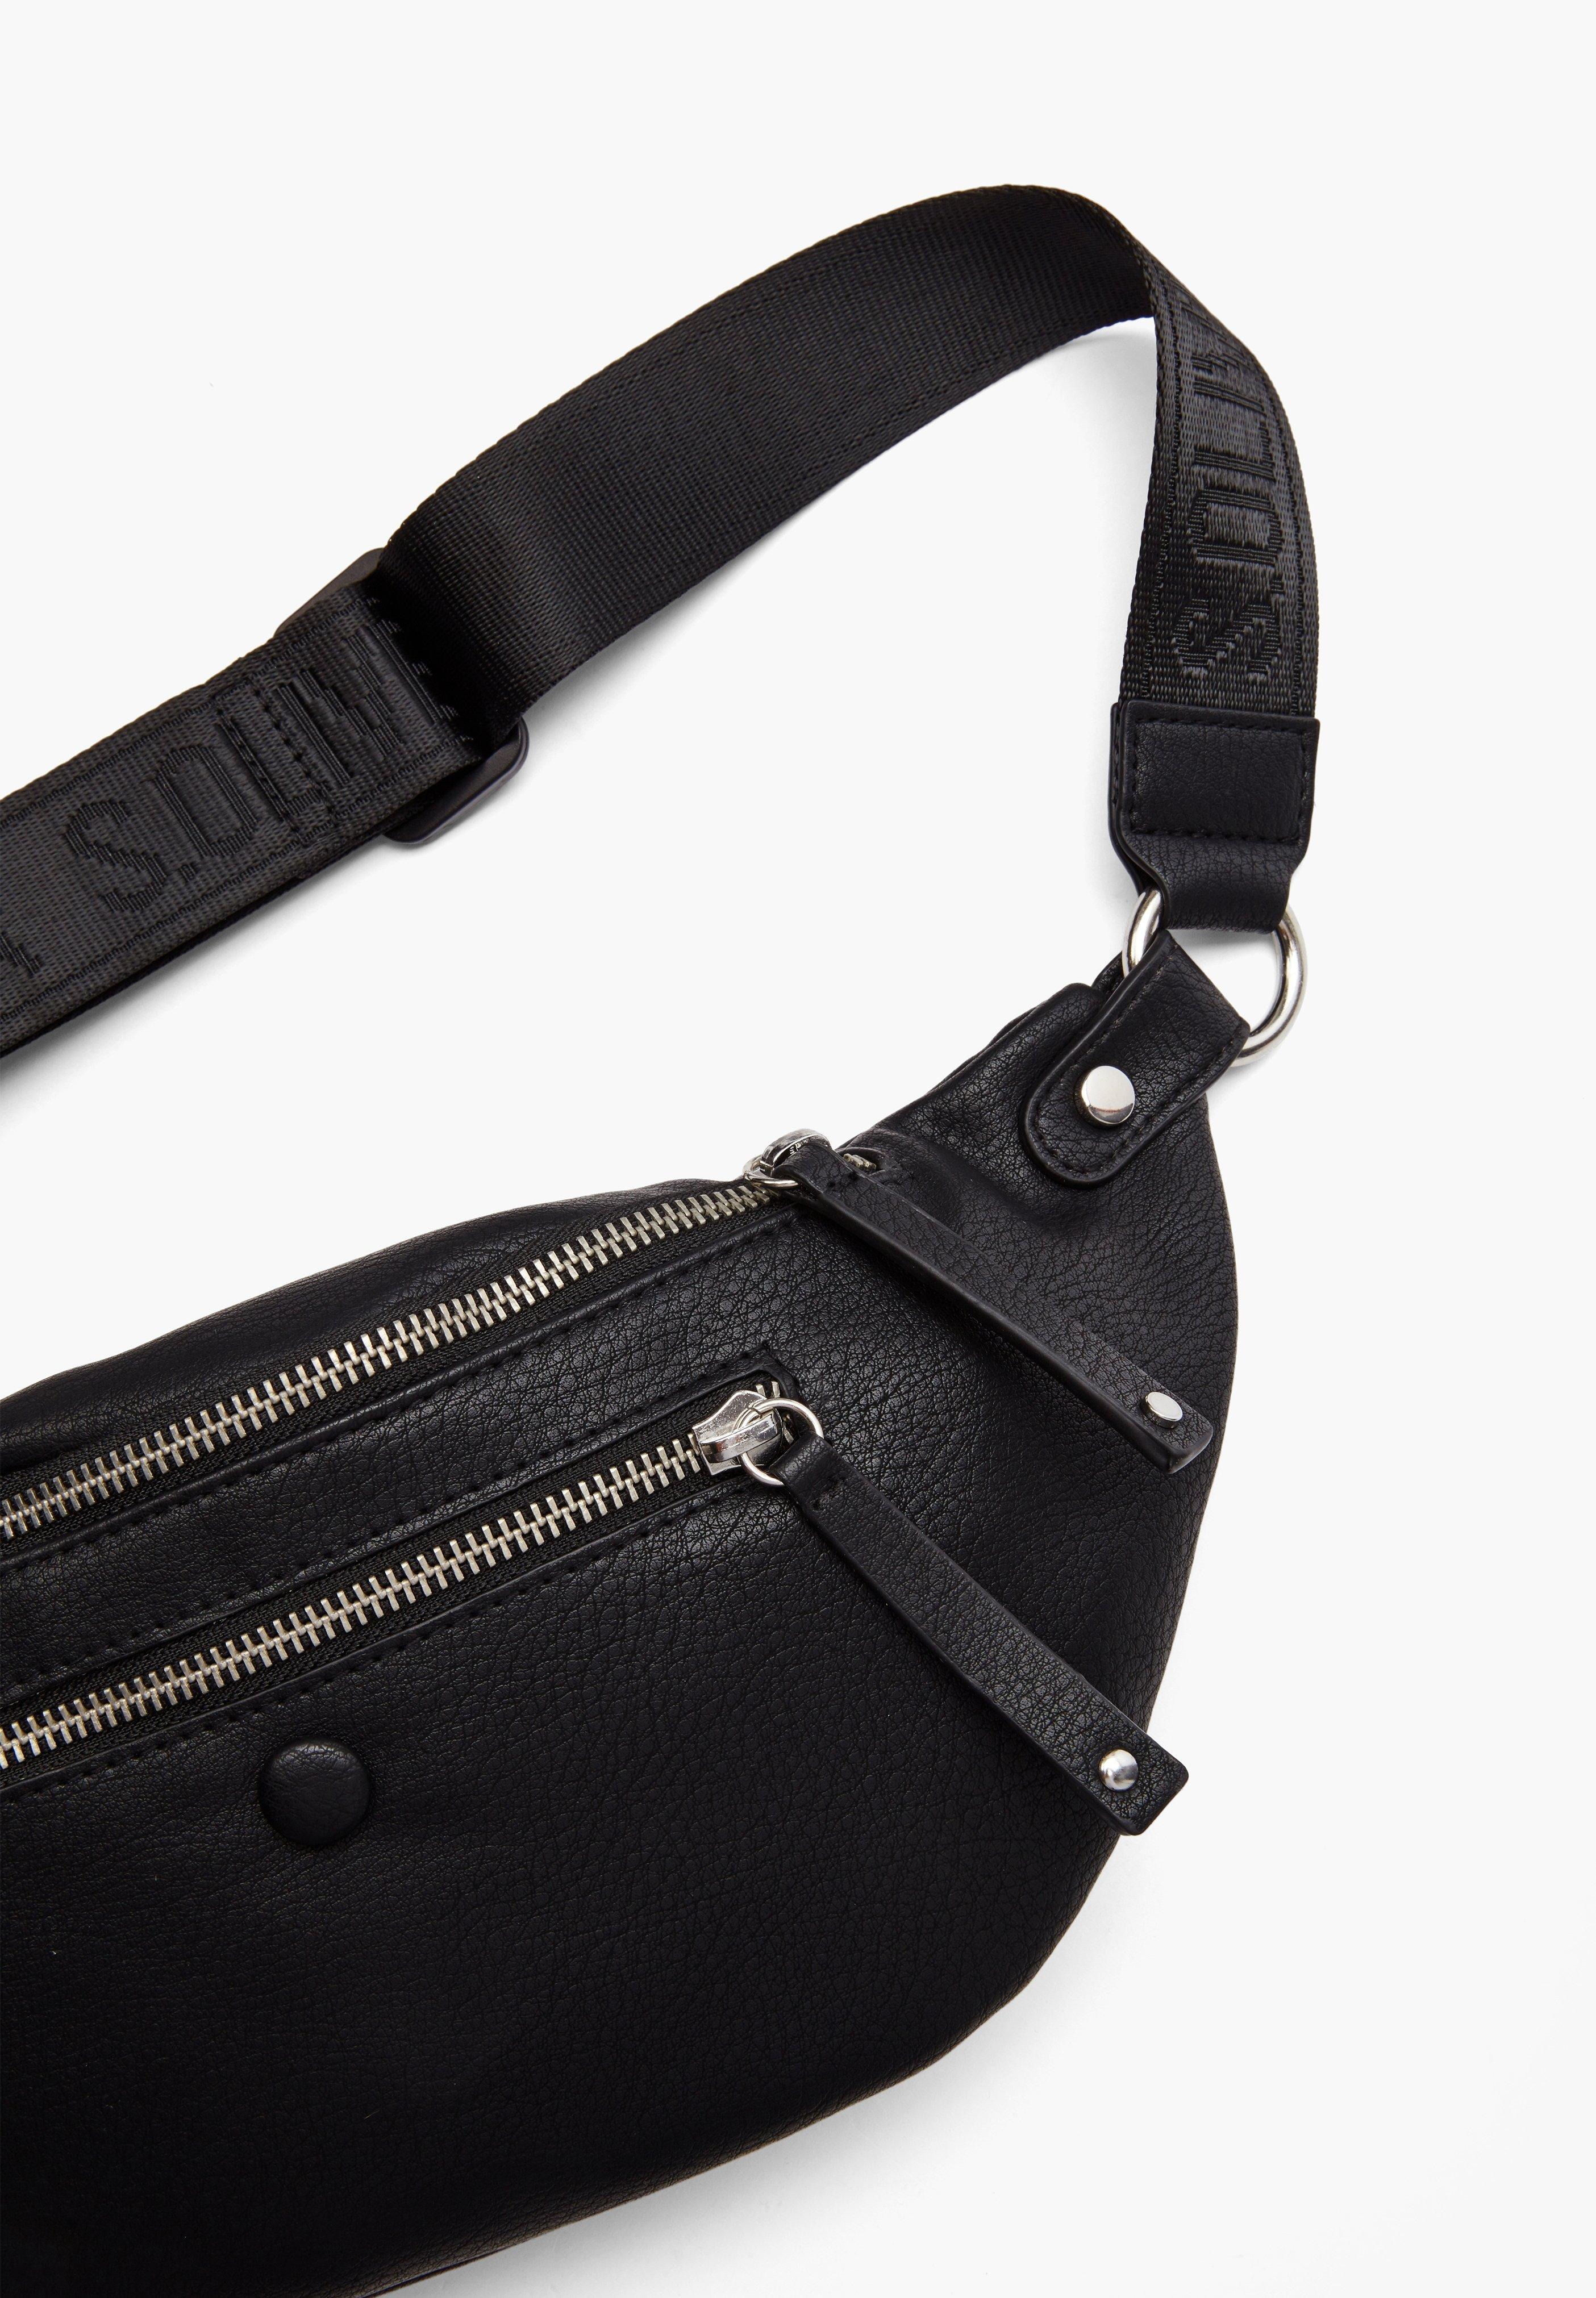 S.oliver Mit Zippern - Gürteltasche Black/schwarz